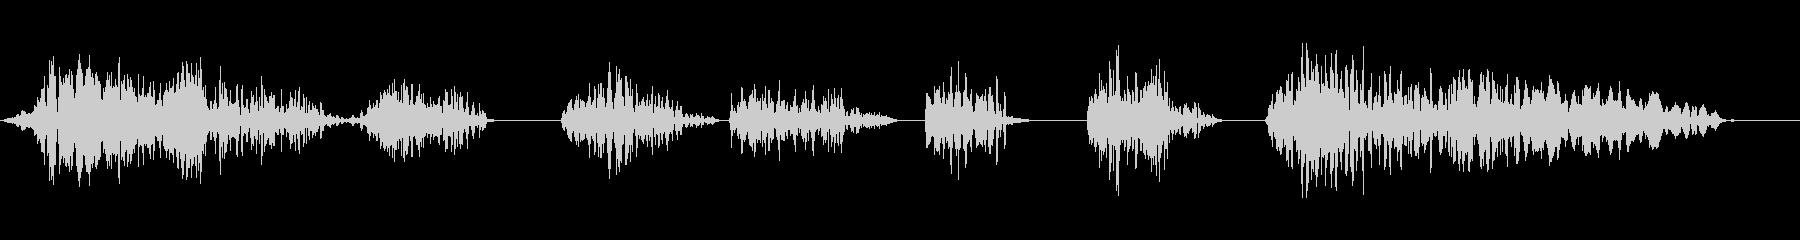 ワーハッハッハッハー2の未再生の波形